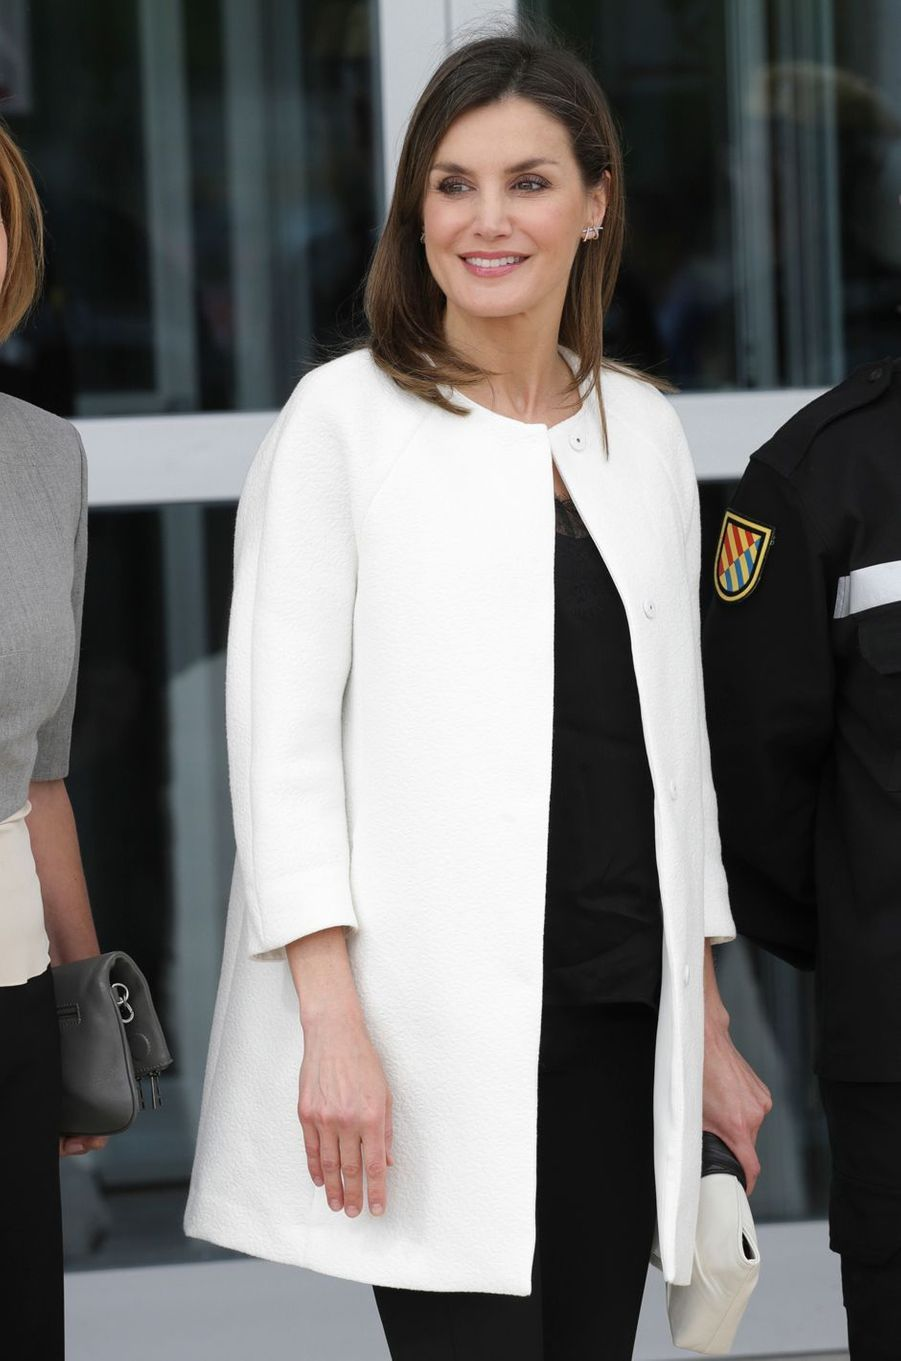 La reine Letizia d'Espagne à la base aérienne de Torrejón de Ardoz, le 18 mai 2018